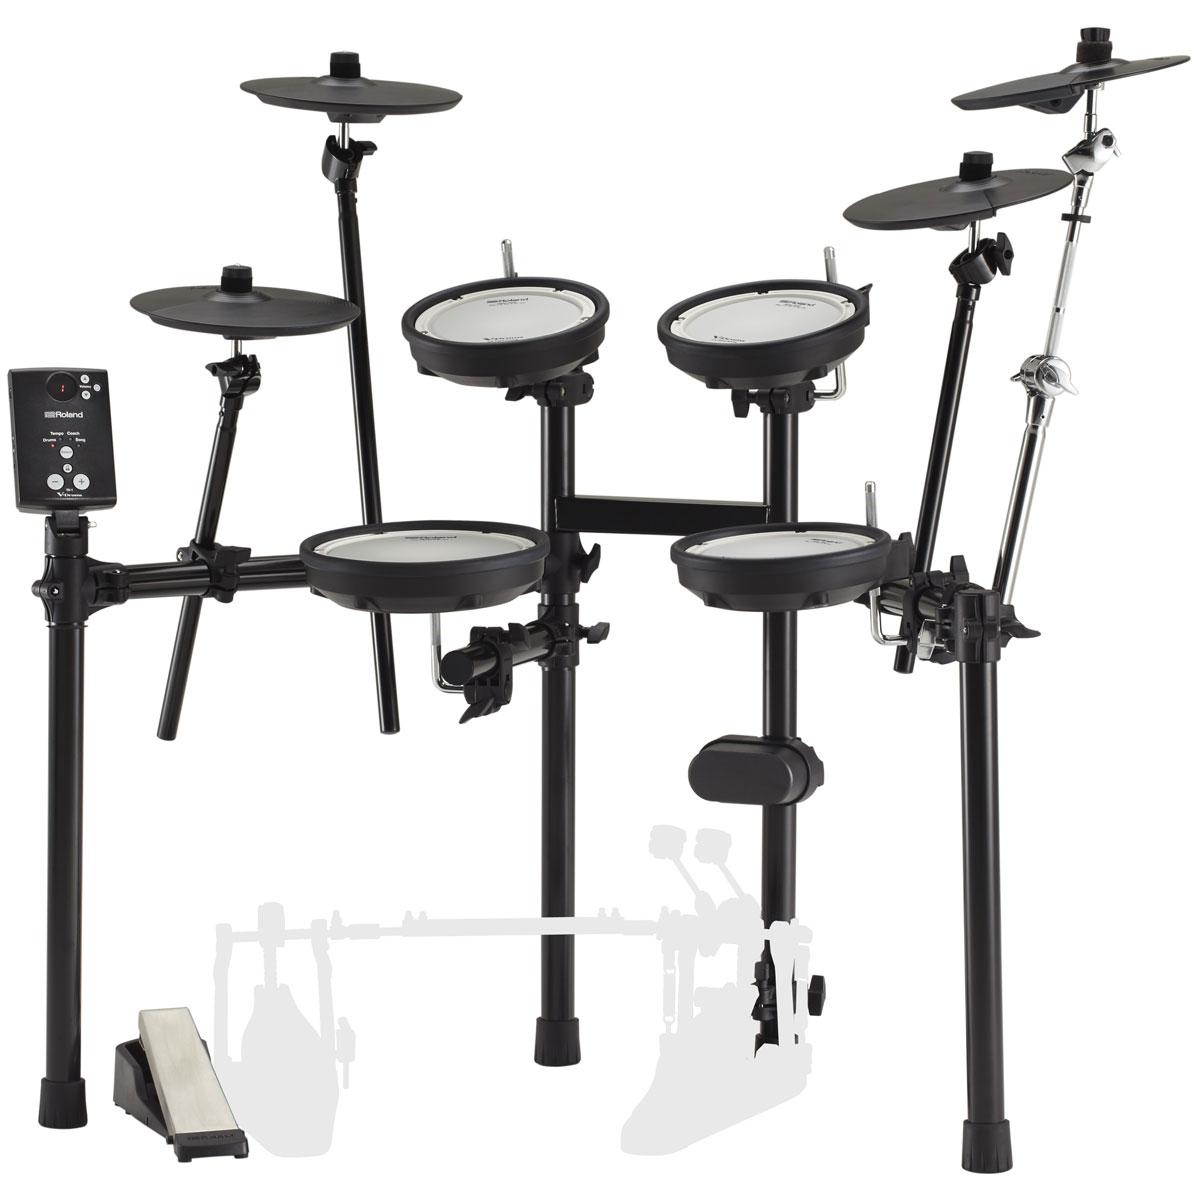 【Rolandキャッシュバック3000円対象】Roland / TD-1DMK 3シンバル 拡張キット ローランド 電子ドラム TD-1 Double Mesh Kit【YRK】